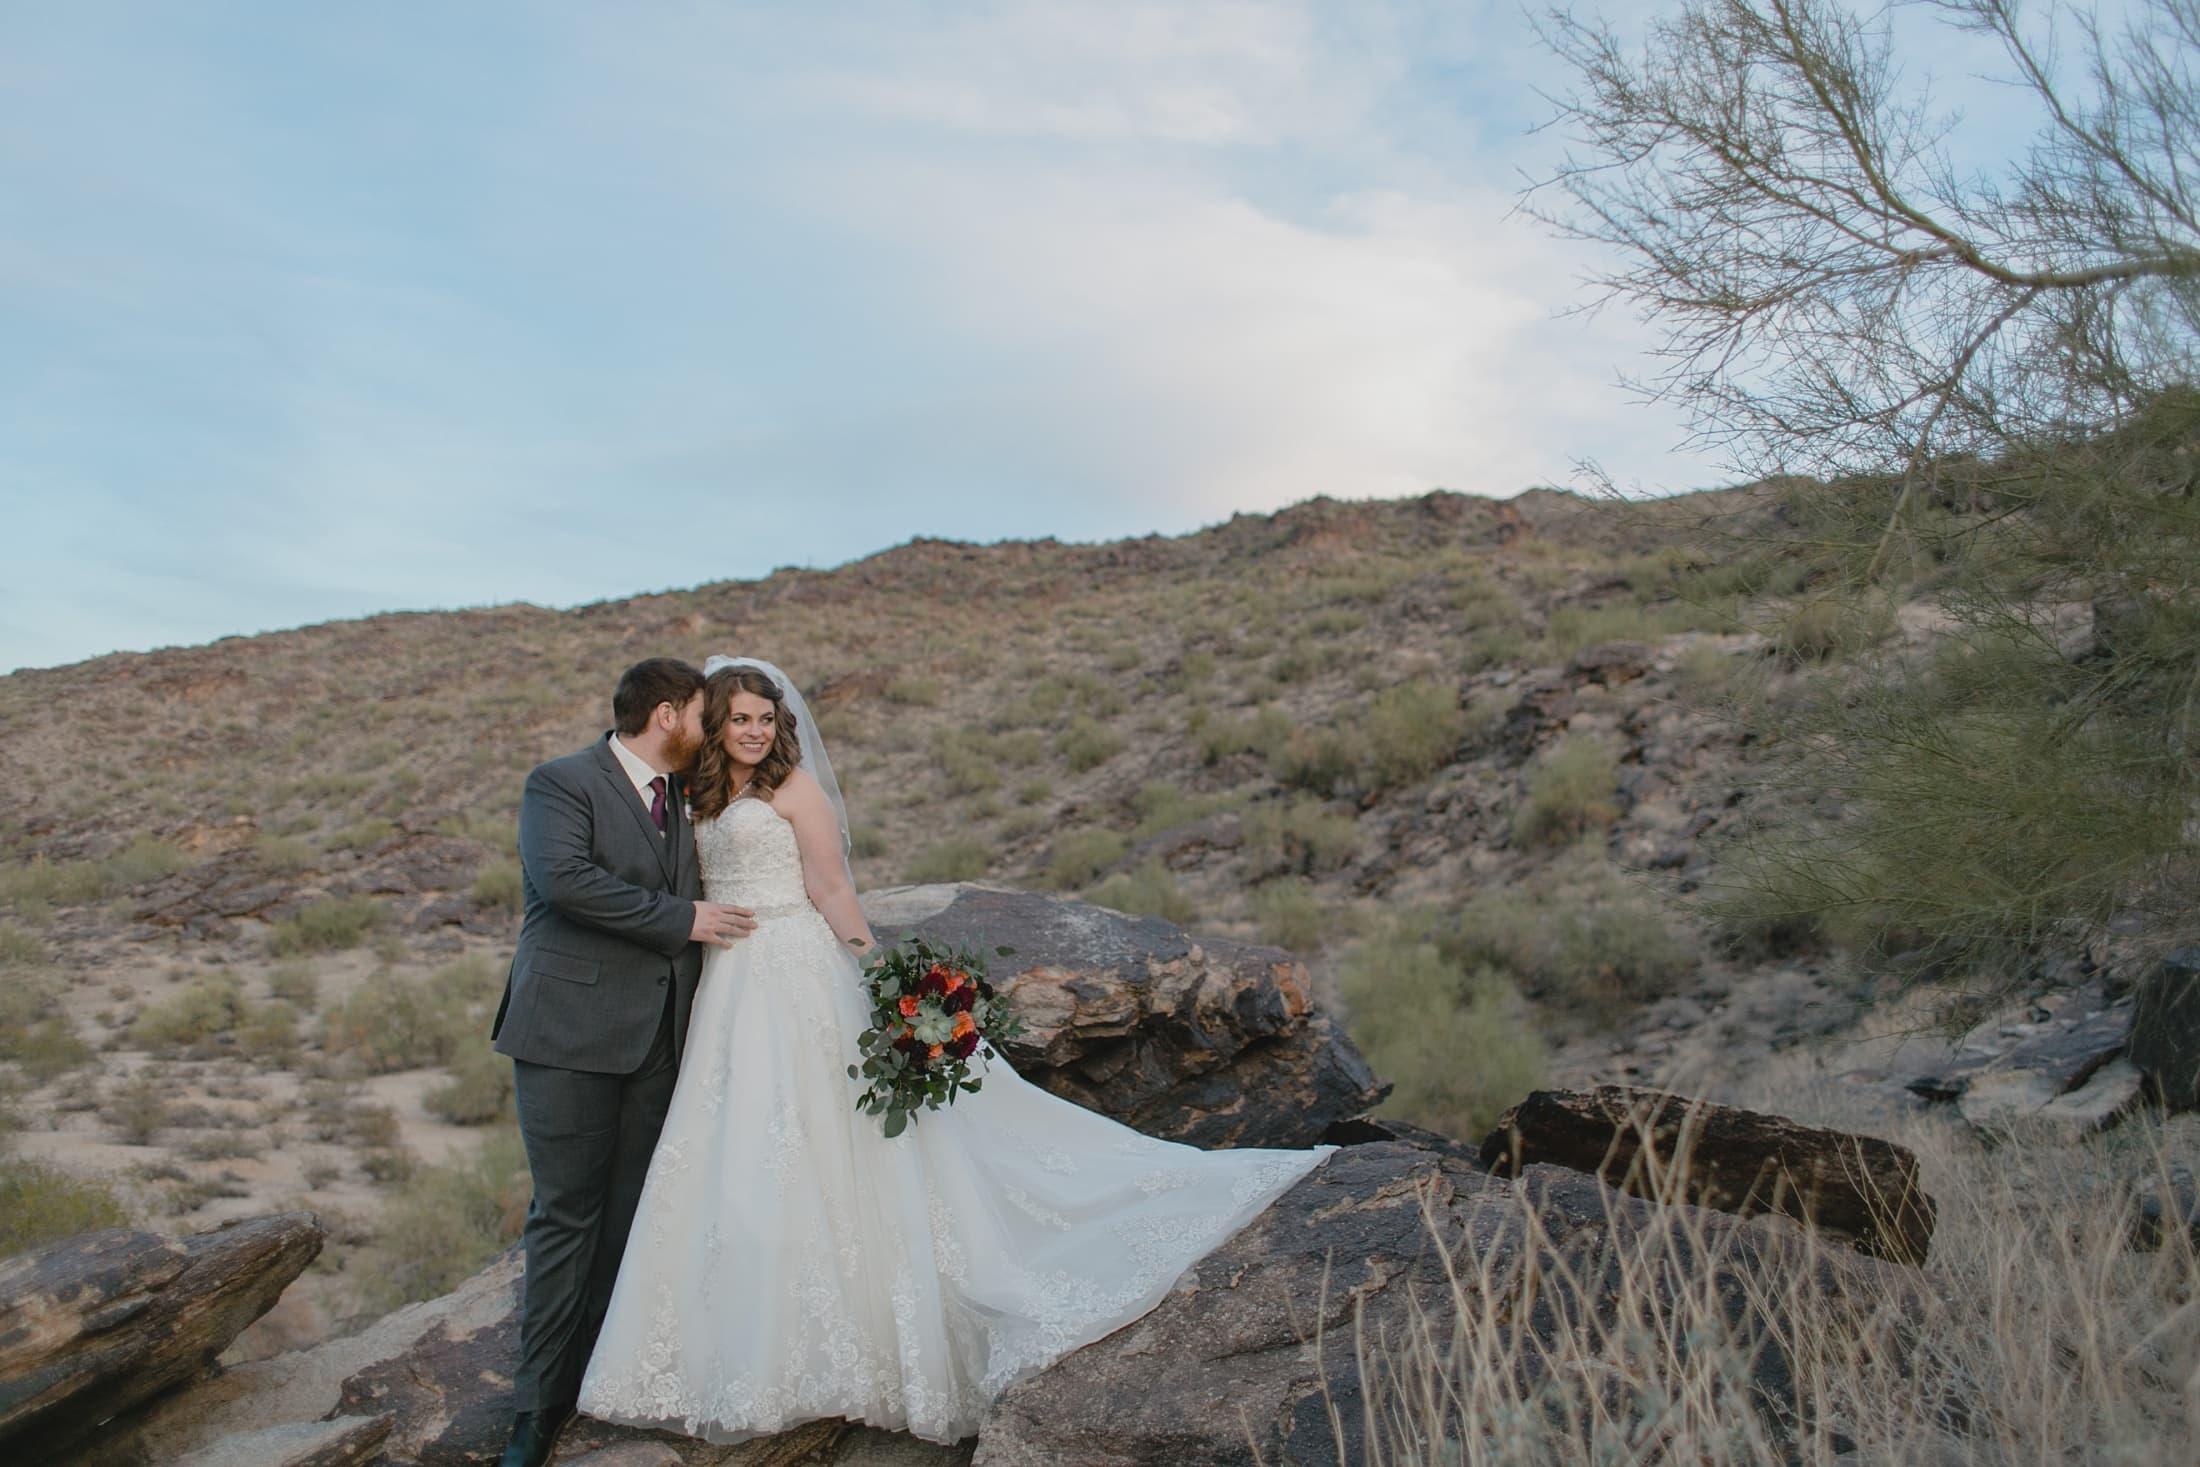 South Mountain Arizona wedding photos